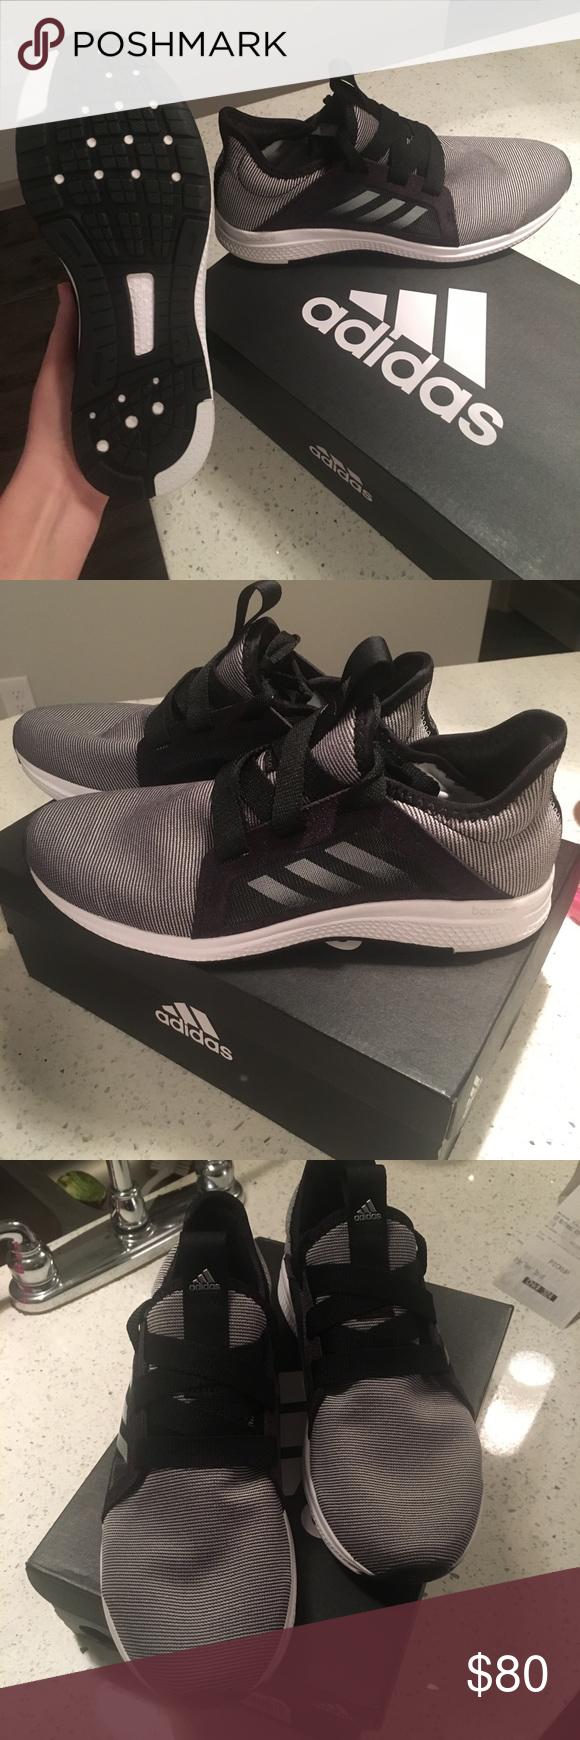 le adidas edge lux (nero / grigio) numero 7 sono il nero / grigio